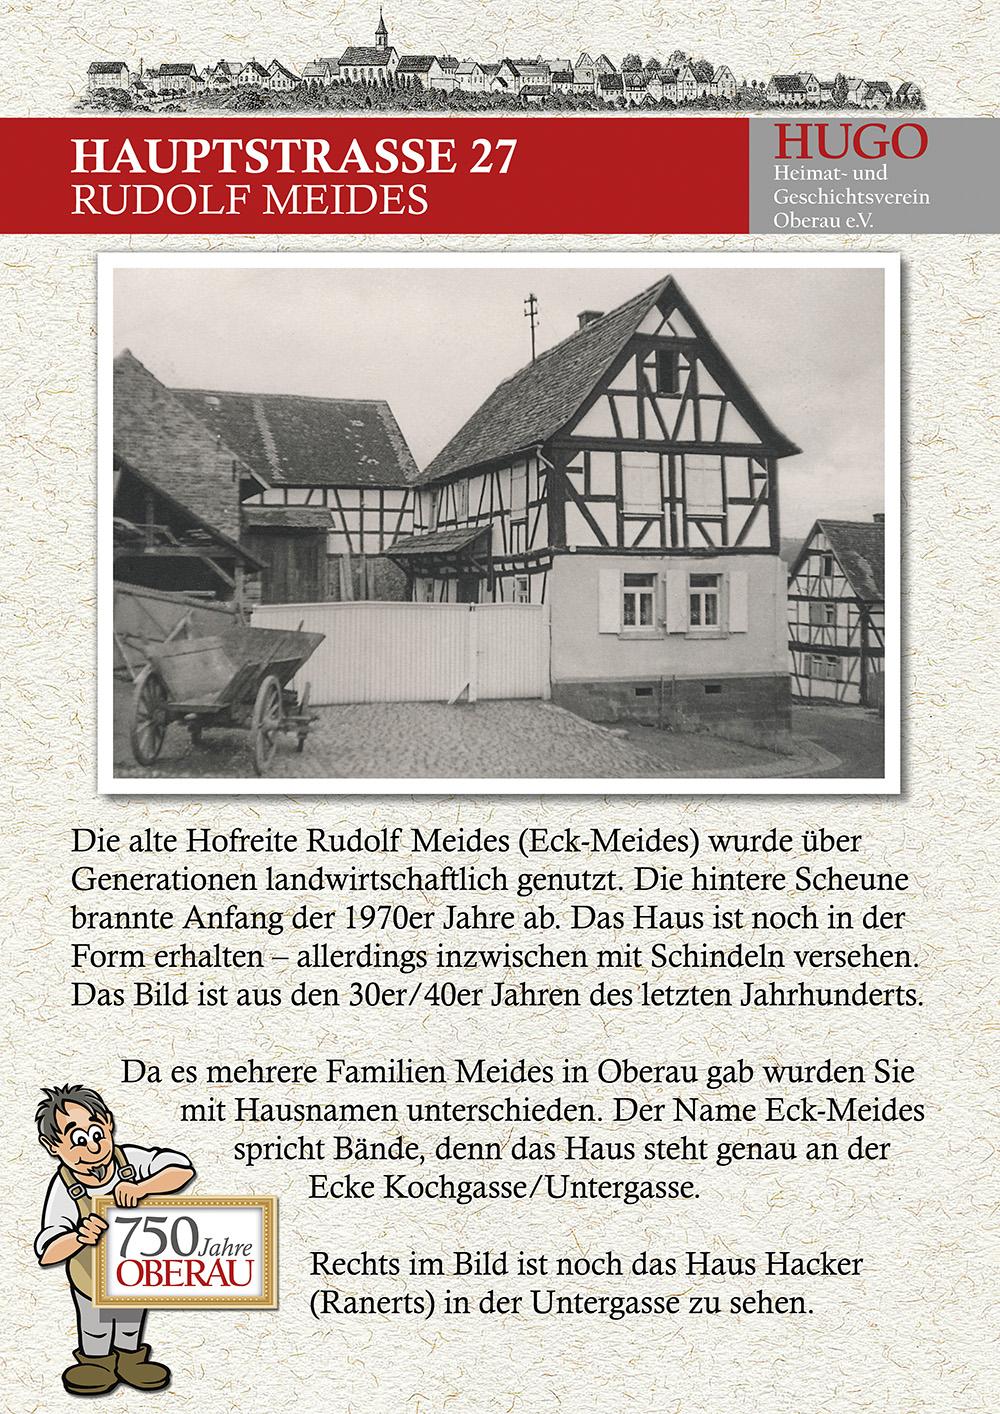 Hauptstraße 27 - Rudolf Meides